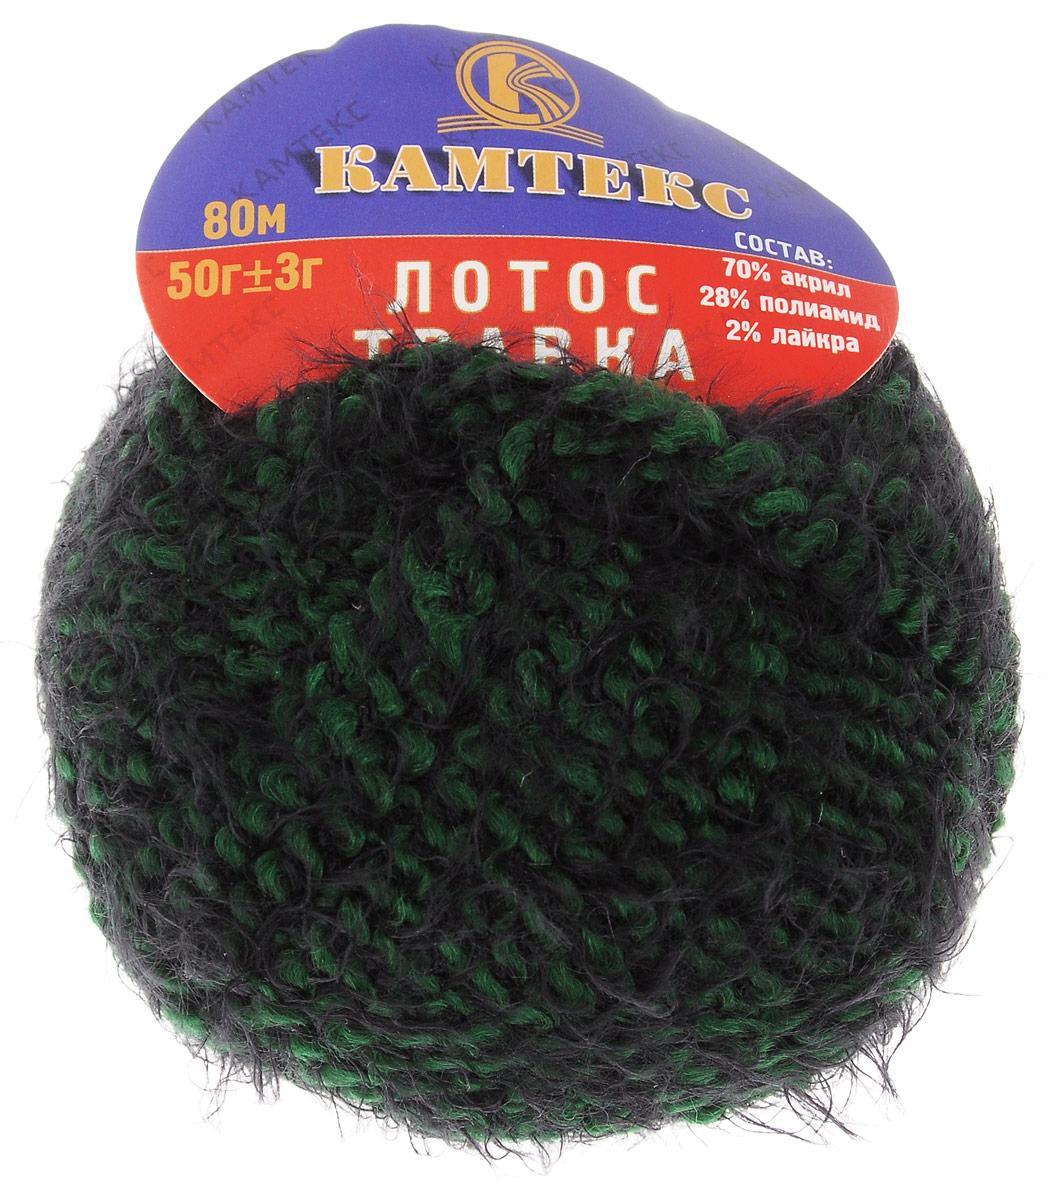 Пряжа для вязания Камтекс Лотос травка стрейч, цвет: темно-зеленый, черный (197), 80 м, 50 г, 10 шт136081_197Пряжа для вязания Камтекс Лотос травка стрейч имеет интересный и необычный состав: 70% акрил, 28% полиамид, 2% лайкра. Акрил отвечает за мягкость, полиамид за прочность и формоустойчивость, а лайкра делает полотно необыкновенно эластичным. Эта волшебная плюшевая ниточка удивляет своей мягкостью, вяжется очень просто и быстро, ворсинки не путаются. Из этой пряжи получатся замечательные мягкие игрушки, которые будут не только приятны, но и абсолютно безопасны для маленьких детей. А яркие и сочные оттенки подарят ребенку радость и хорошее настроение. Рекомендуемый размер крючка и спиц: №3-6. Состав: 70% акрил, 28% полиамид, 2% лайкра.